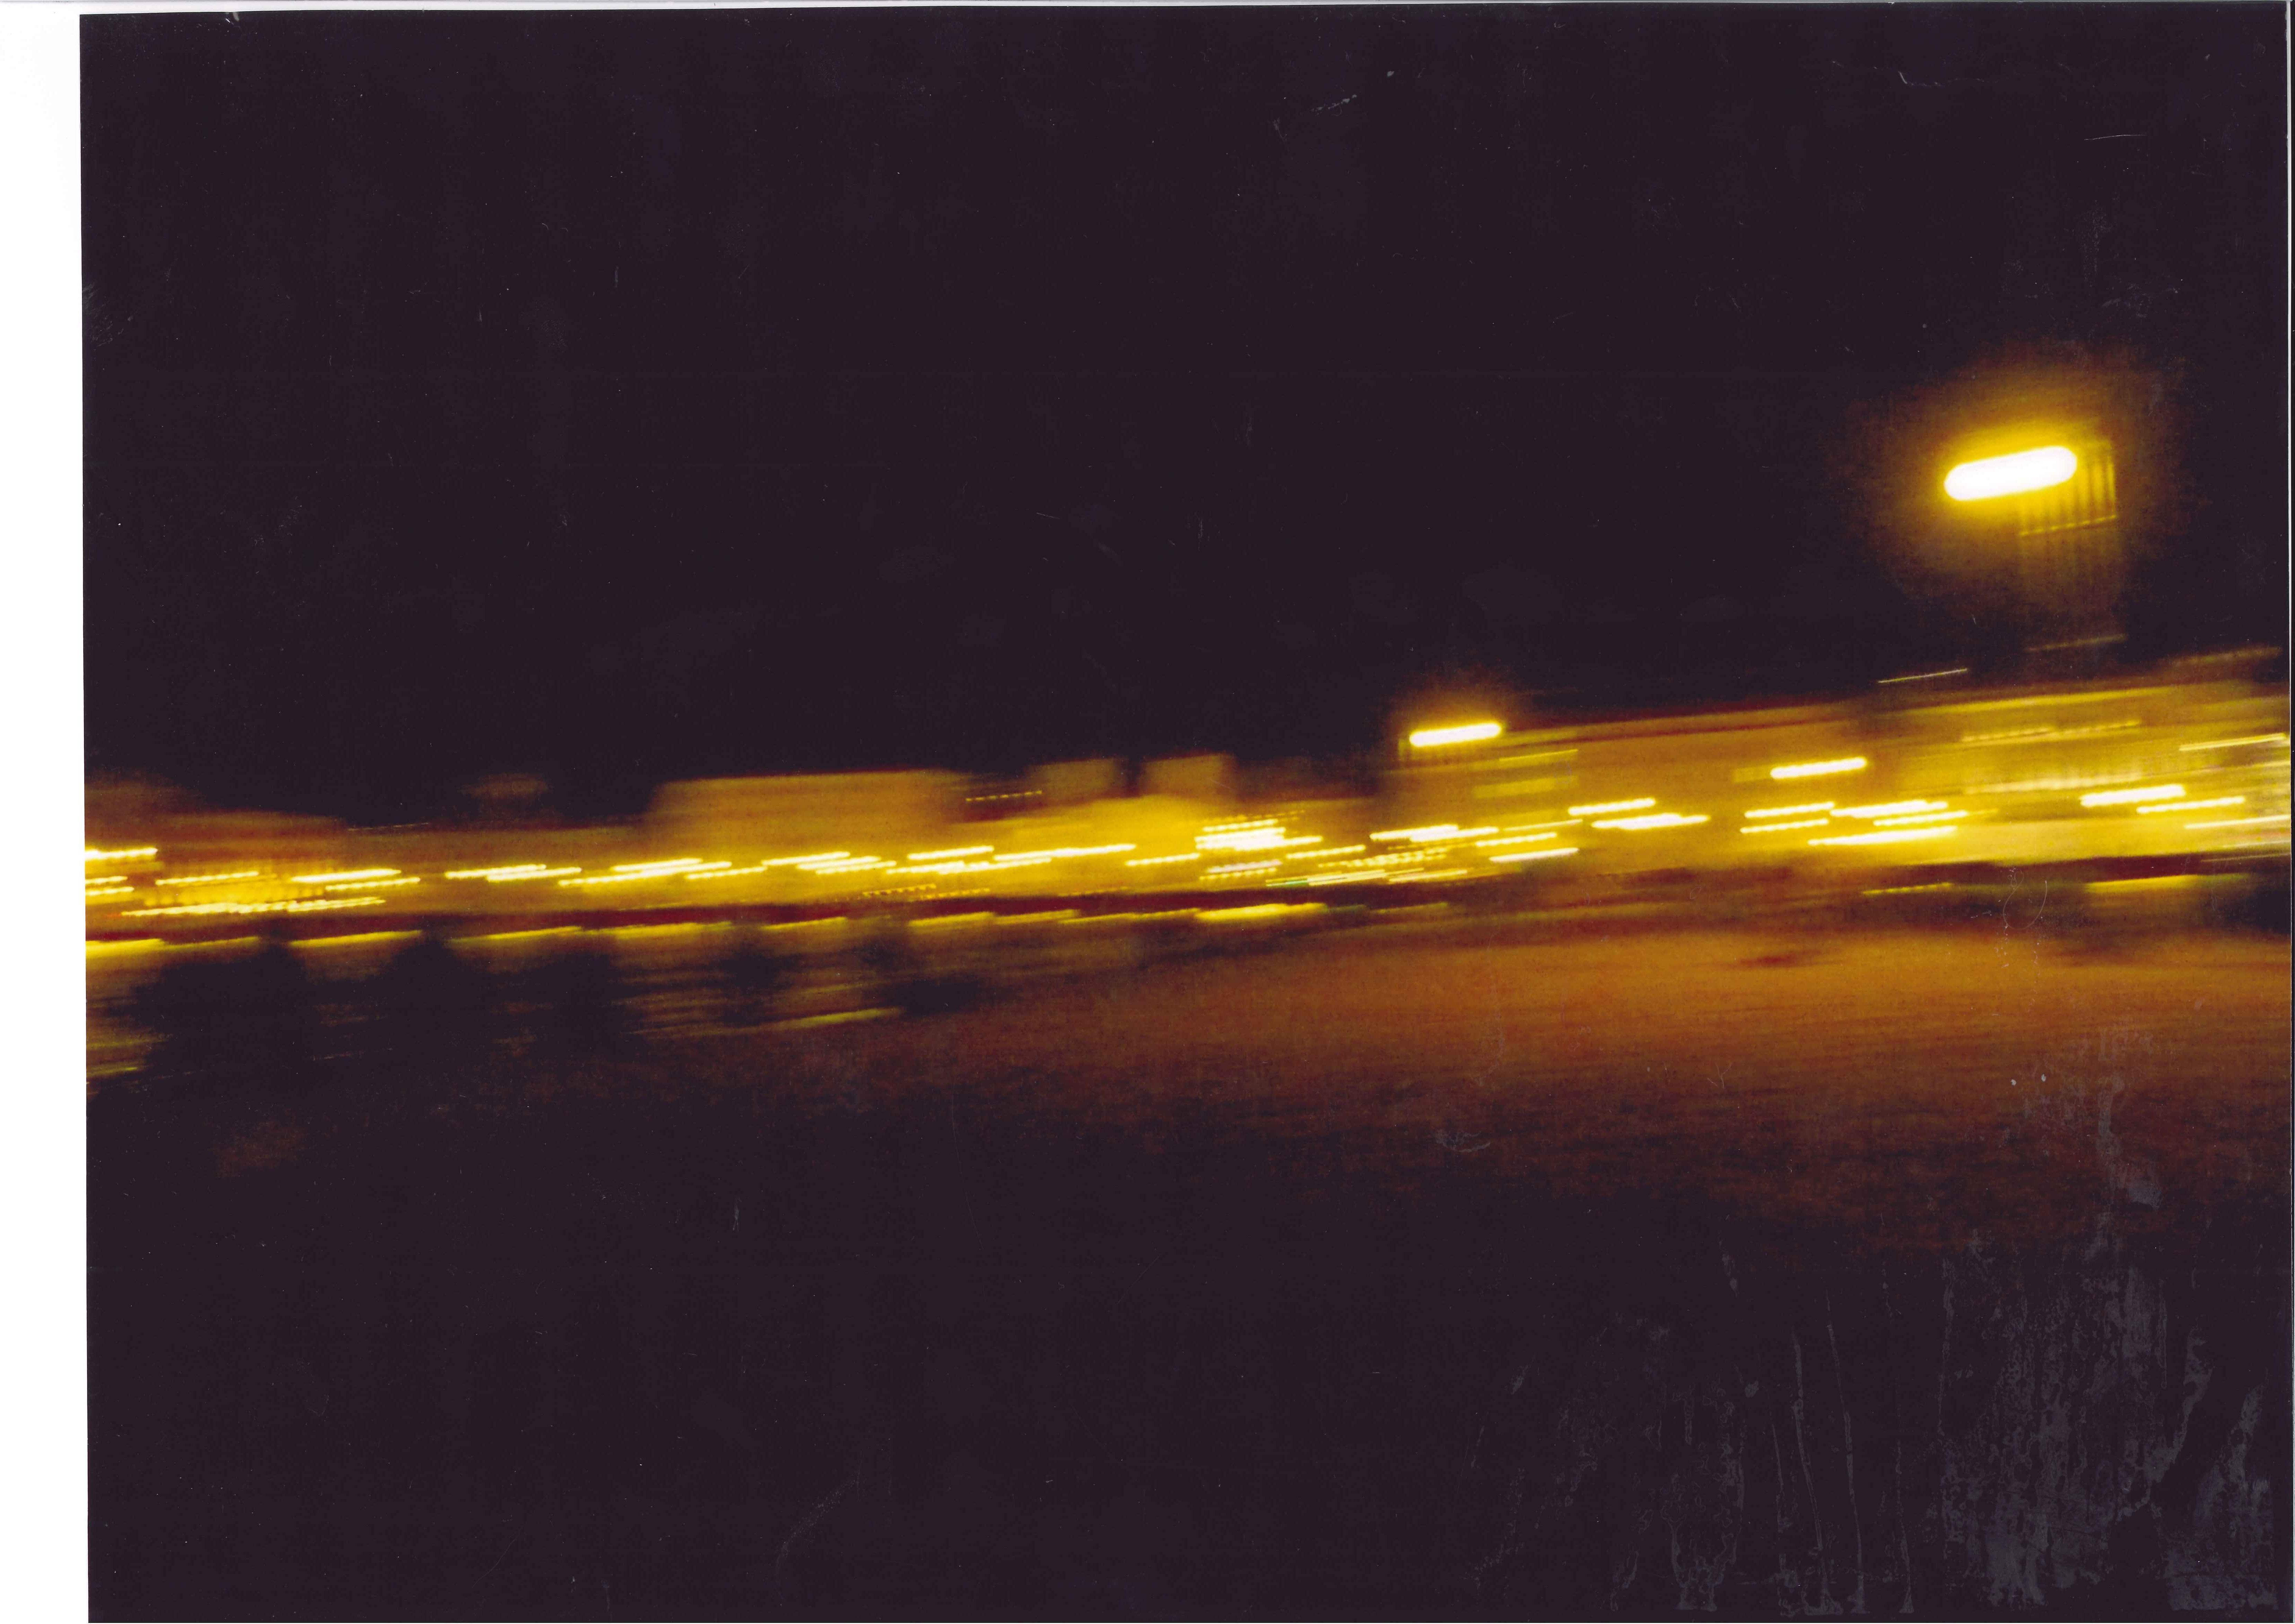 """""""la mente si rinfresca e all'orizzonte il mare  si increspa per il vento che rinforza veloce""""  Trieste"""